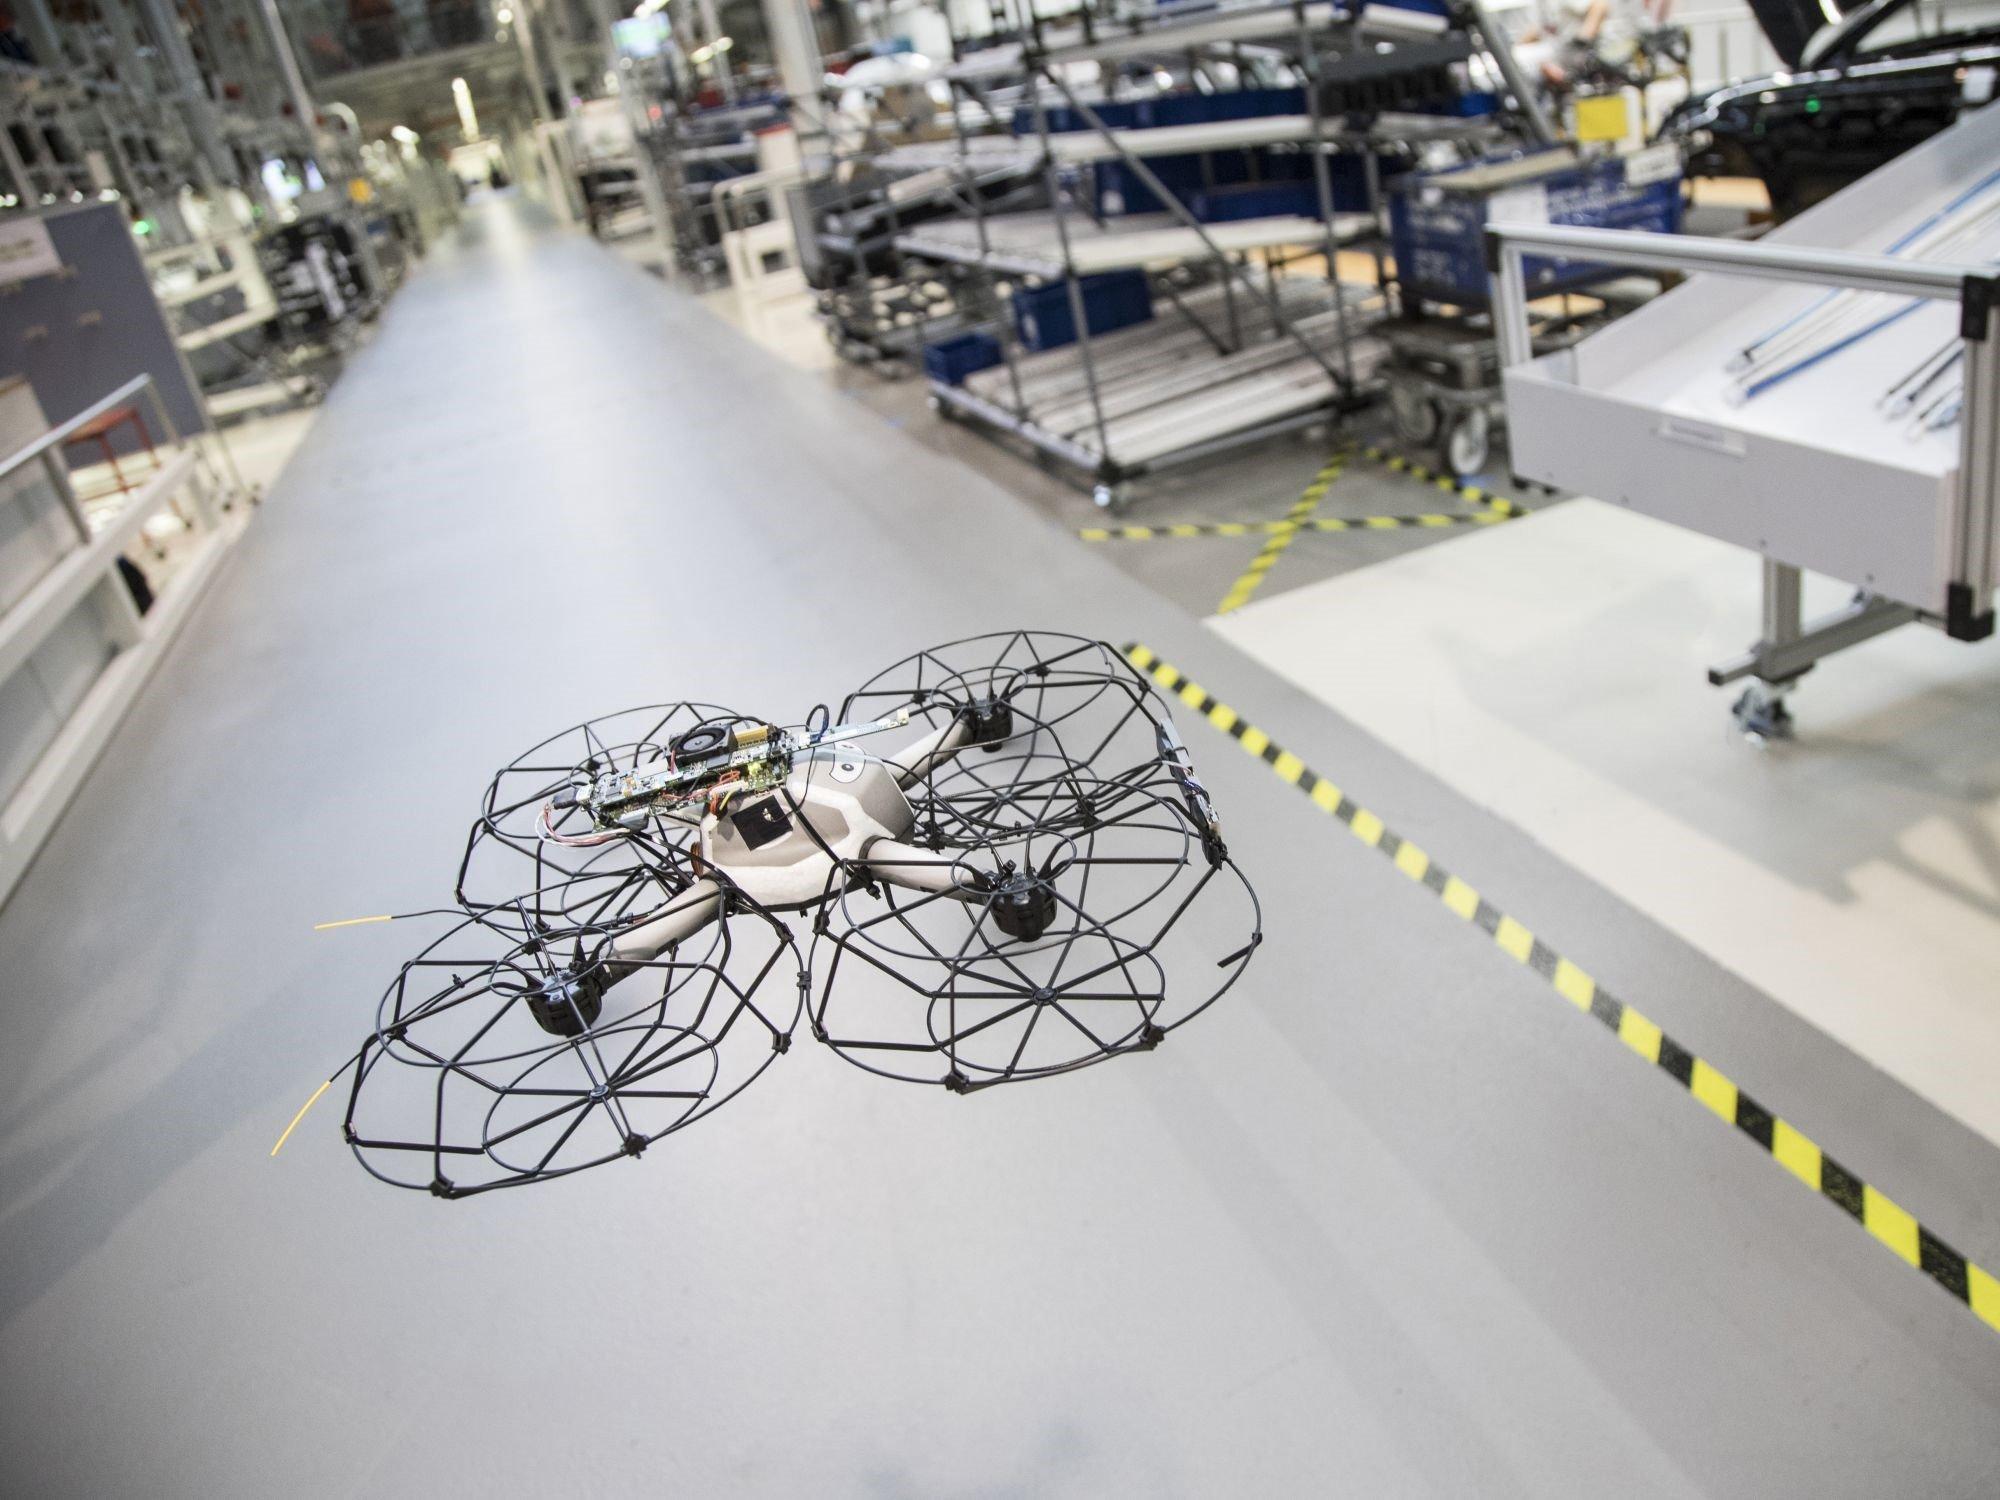 Indoor-Einsatz von Drohnen | Xpert.Digital